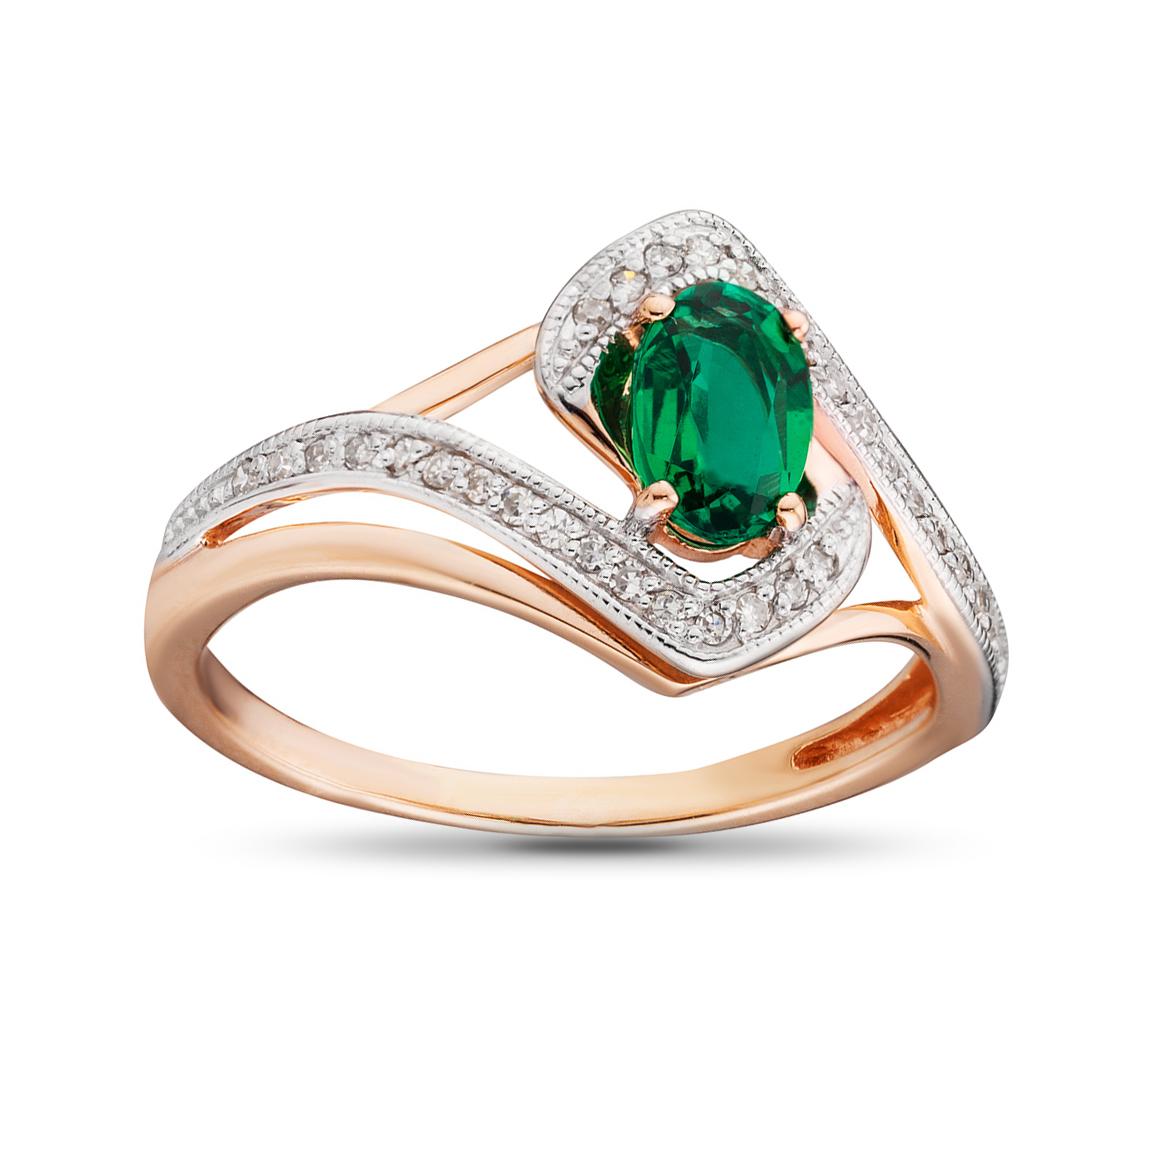 Кольцо с изумрудом и бриллиантами из золота